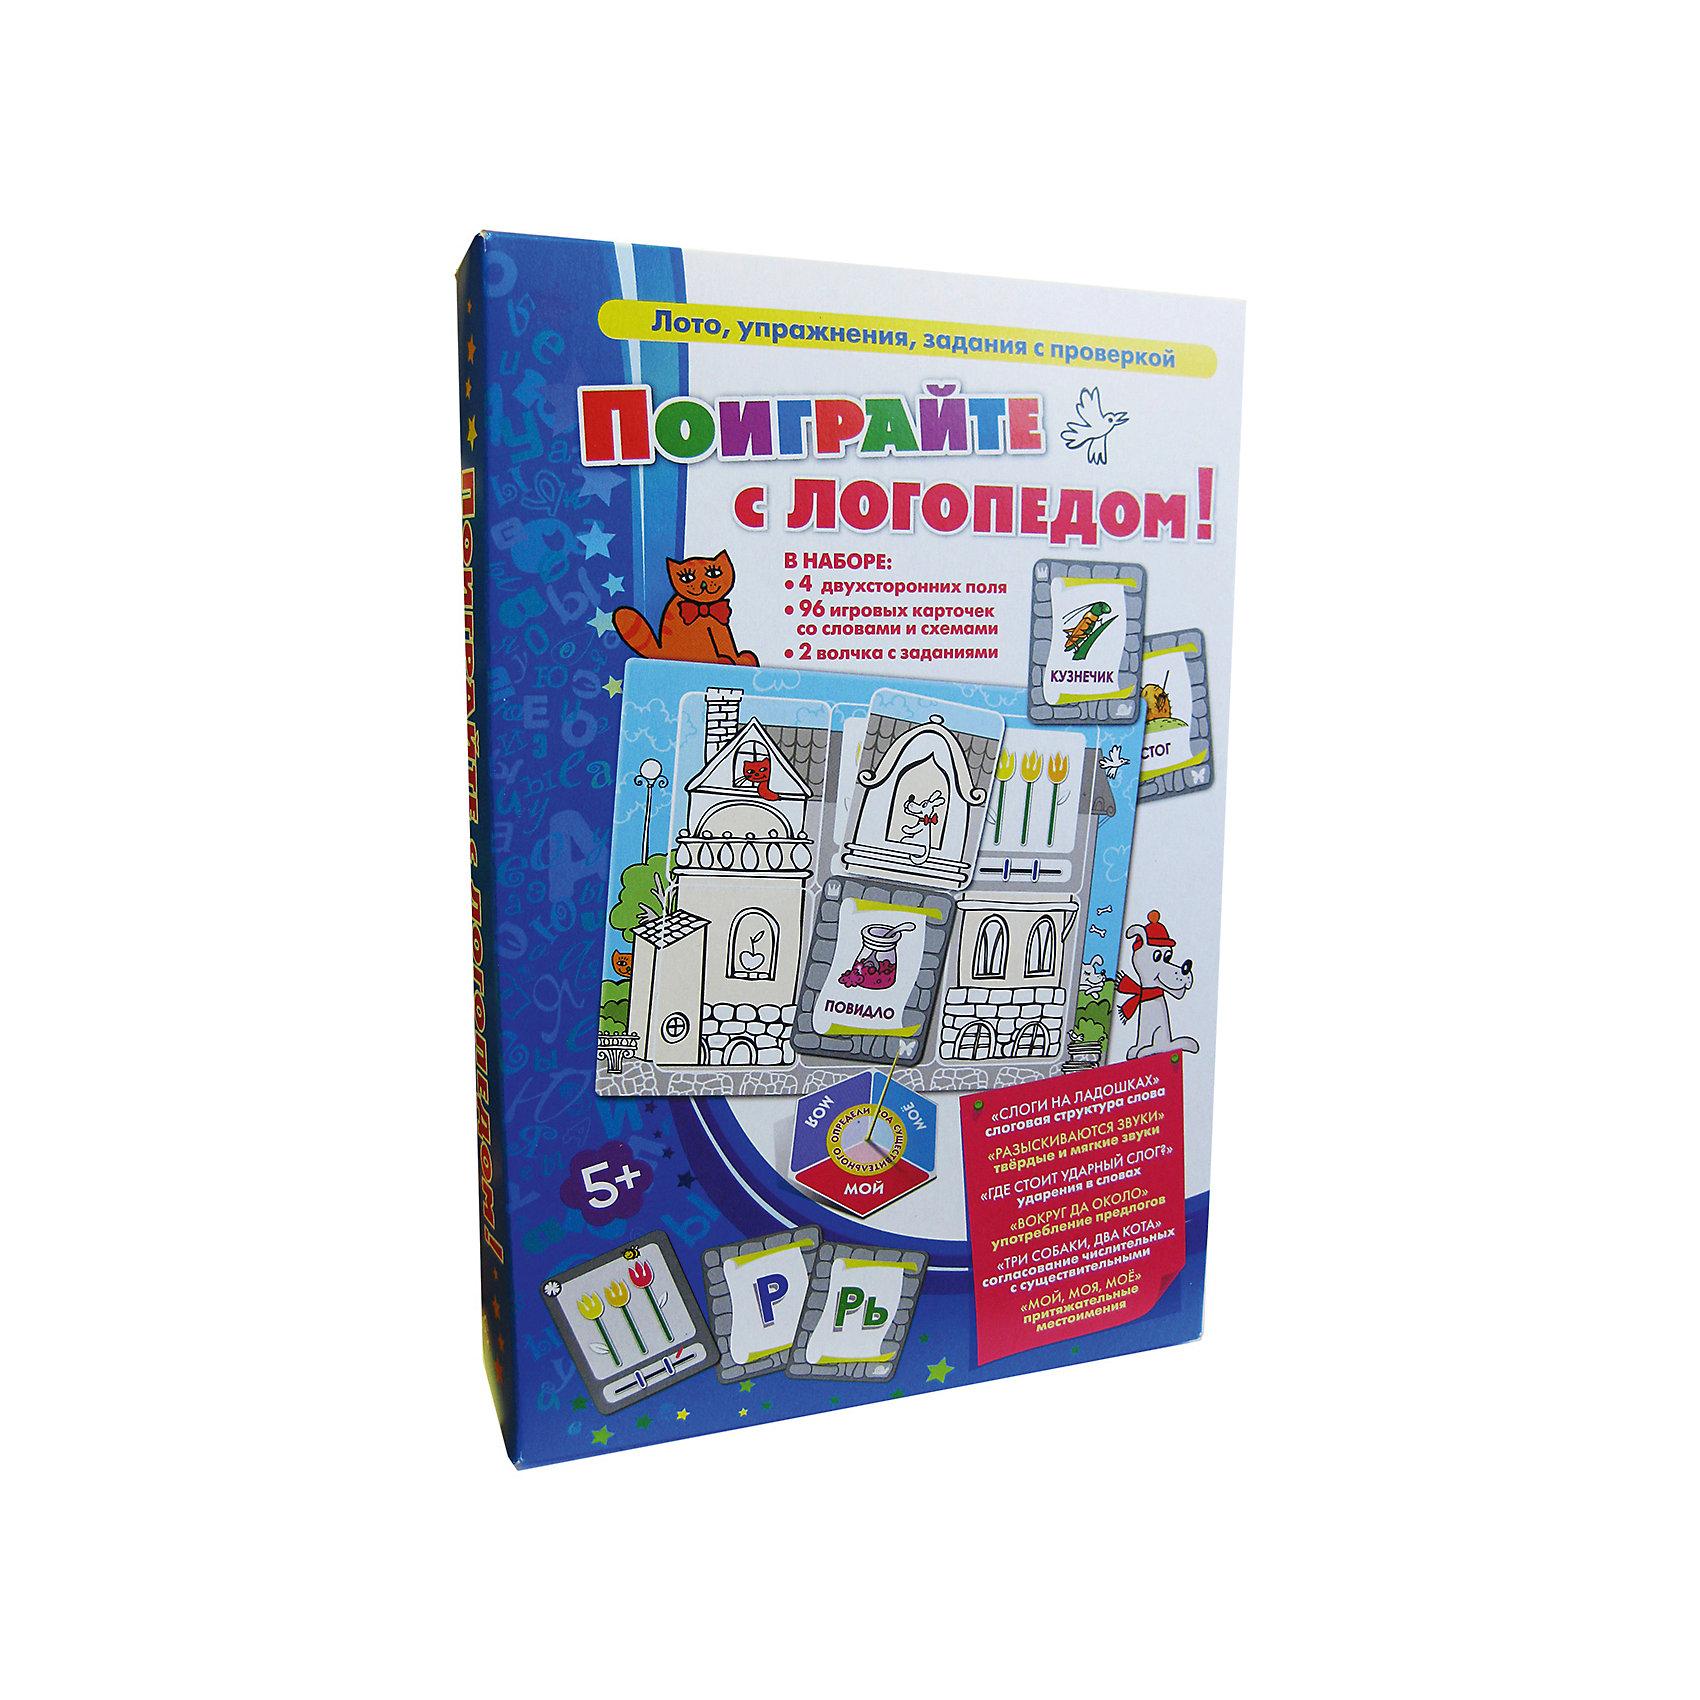 Поиграйте с логопедом!, Игротека Татьяны БарчанКарточные игры<br>Поиграйте с логопедом!, Игротека Татьяны Барчан.<br><br>Характеристики:<br><br>• Для детей в возрасте: от 5 до 10 лет<br>• В комплекте: 4 двухсторонних игровых поля, 86 карточек со словами различной слоговой структуры, 10 карточек-схем, 2 волчка с предлогами и притяжательными местоимениями, брошюра с описаниями вариантов заданий<br>• Игры: Слоги на ладошках - изучаем слоговую структуру слова; Разыскиваются звуки - изучаем твердые и мягкие звуки; Где стоит ударный слог - изучаем ударения в словах; Вокруг да около - изучаем употребление предлогов; Три собаки, два кота - изучаем согласование числительных с существительными; Мой, моя, моё - изучаем притяжательные местоимения<br>• Материал: плотный качественный картон<br>• Производитель: ЦОТР Ребус (Россия)<br>• Упаковка: картонная коробка<br>• Размер упаковки: 270х183х40 мм.<br>• Вес: 478 гр.<br><br>В этом игровом пособии собран тщательно подобранный речевой и дидактический материал, который может быть использован как специалистами, так и родителями при работе по целому ряду тем: разделение слова на слоги; знакомство с ударным слогом; употребление предлогов; твёрдые и мягкие звуки; согласование числительных с существительными; притяжательные местоимения. <br><br>Весёлые картинки и неожиданные способы проверки превращают трудные темы в любимые занятия. Все варианты игр прописаны в брошюре. Игры способствует развитию наглядно-образного мышления, произвольного внимания, памяти, зрительного и слухового восприятия, пространственной ориентации, формированию навыков самоконтроля.<br><br>Игру Поиграйте с логопедом!, Игротека Татьяны Барчан можно купить в нашем интернет-магазине.<br><br>Ширина мм: 270<br>Глубина мм: 180<br>Высота мм: 40<br>Вес г: 483<br>Возраст от месяцев: 60<br>Возраст до месяцев: 120<br>Пол: Унисекс<br>Возраст: Детский<br>SKU: 6751346